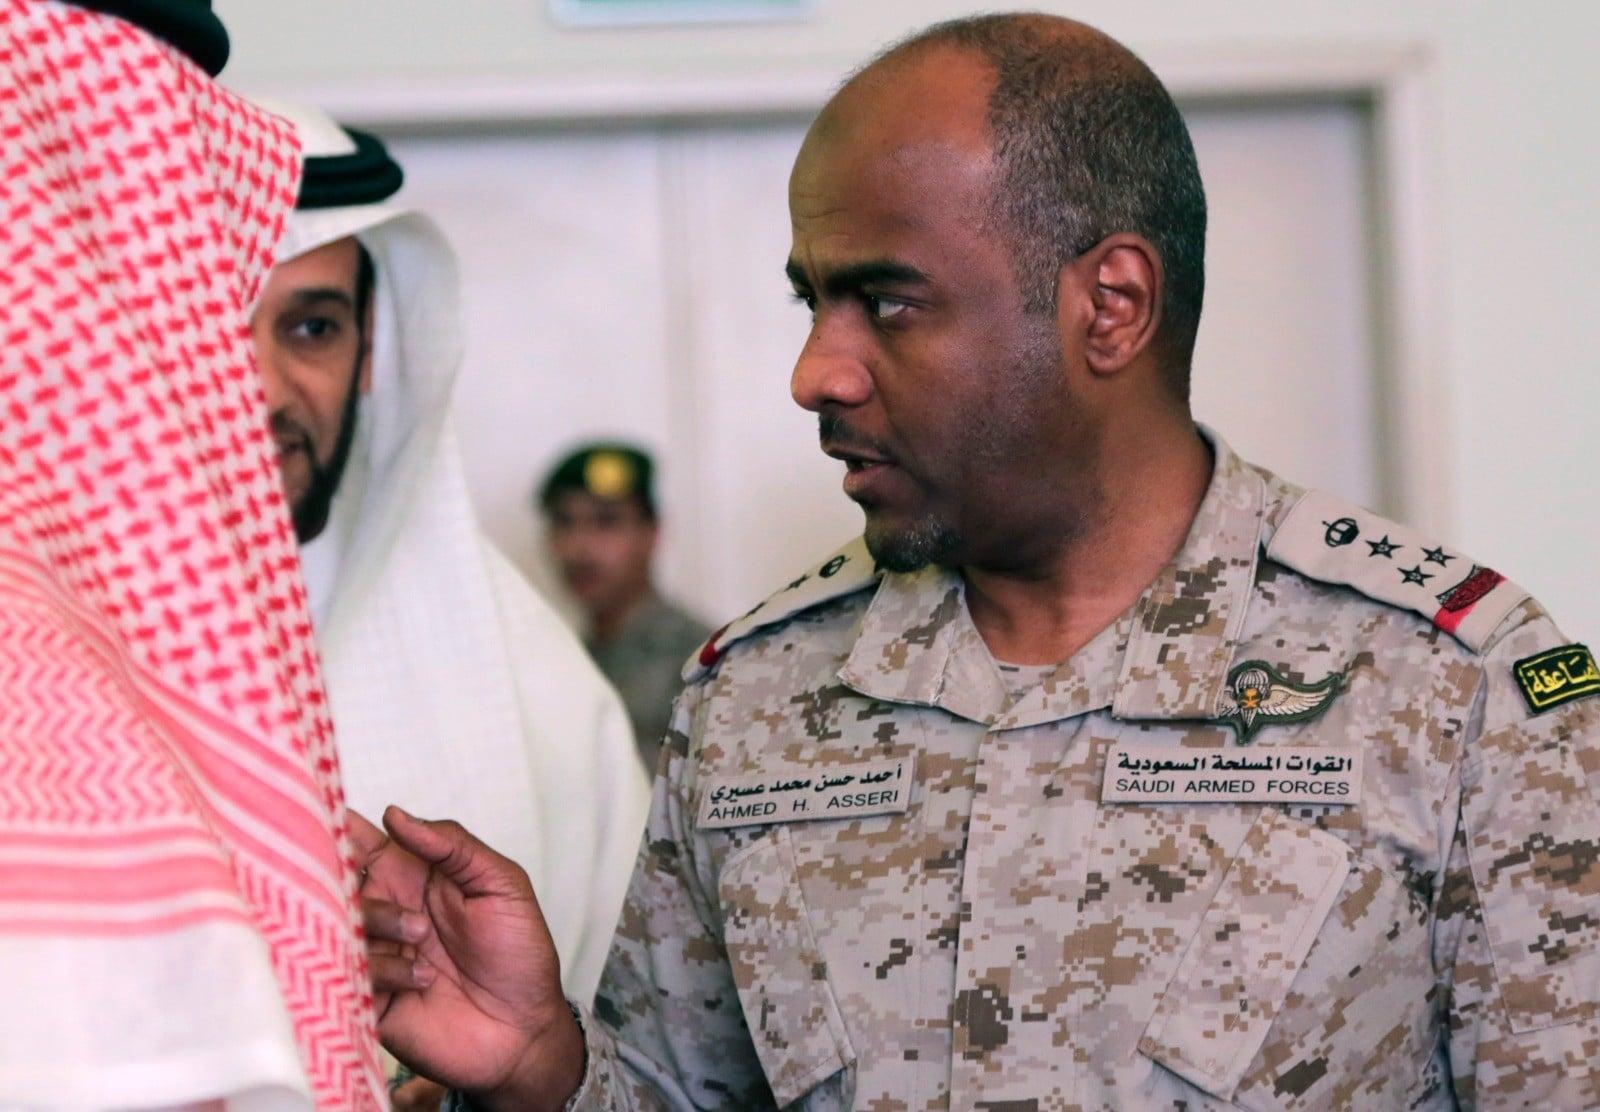 النظام السعودي في ورطة وشكوى قضائية ضد أحمد عسيري بعدما تردد على باريس بانتظام